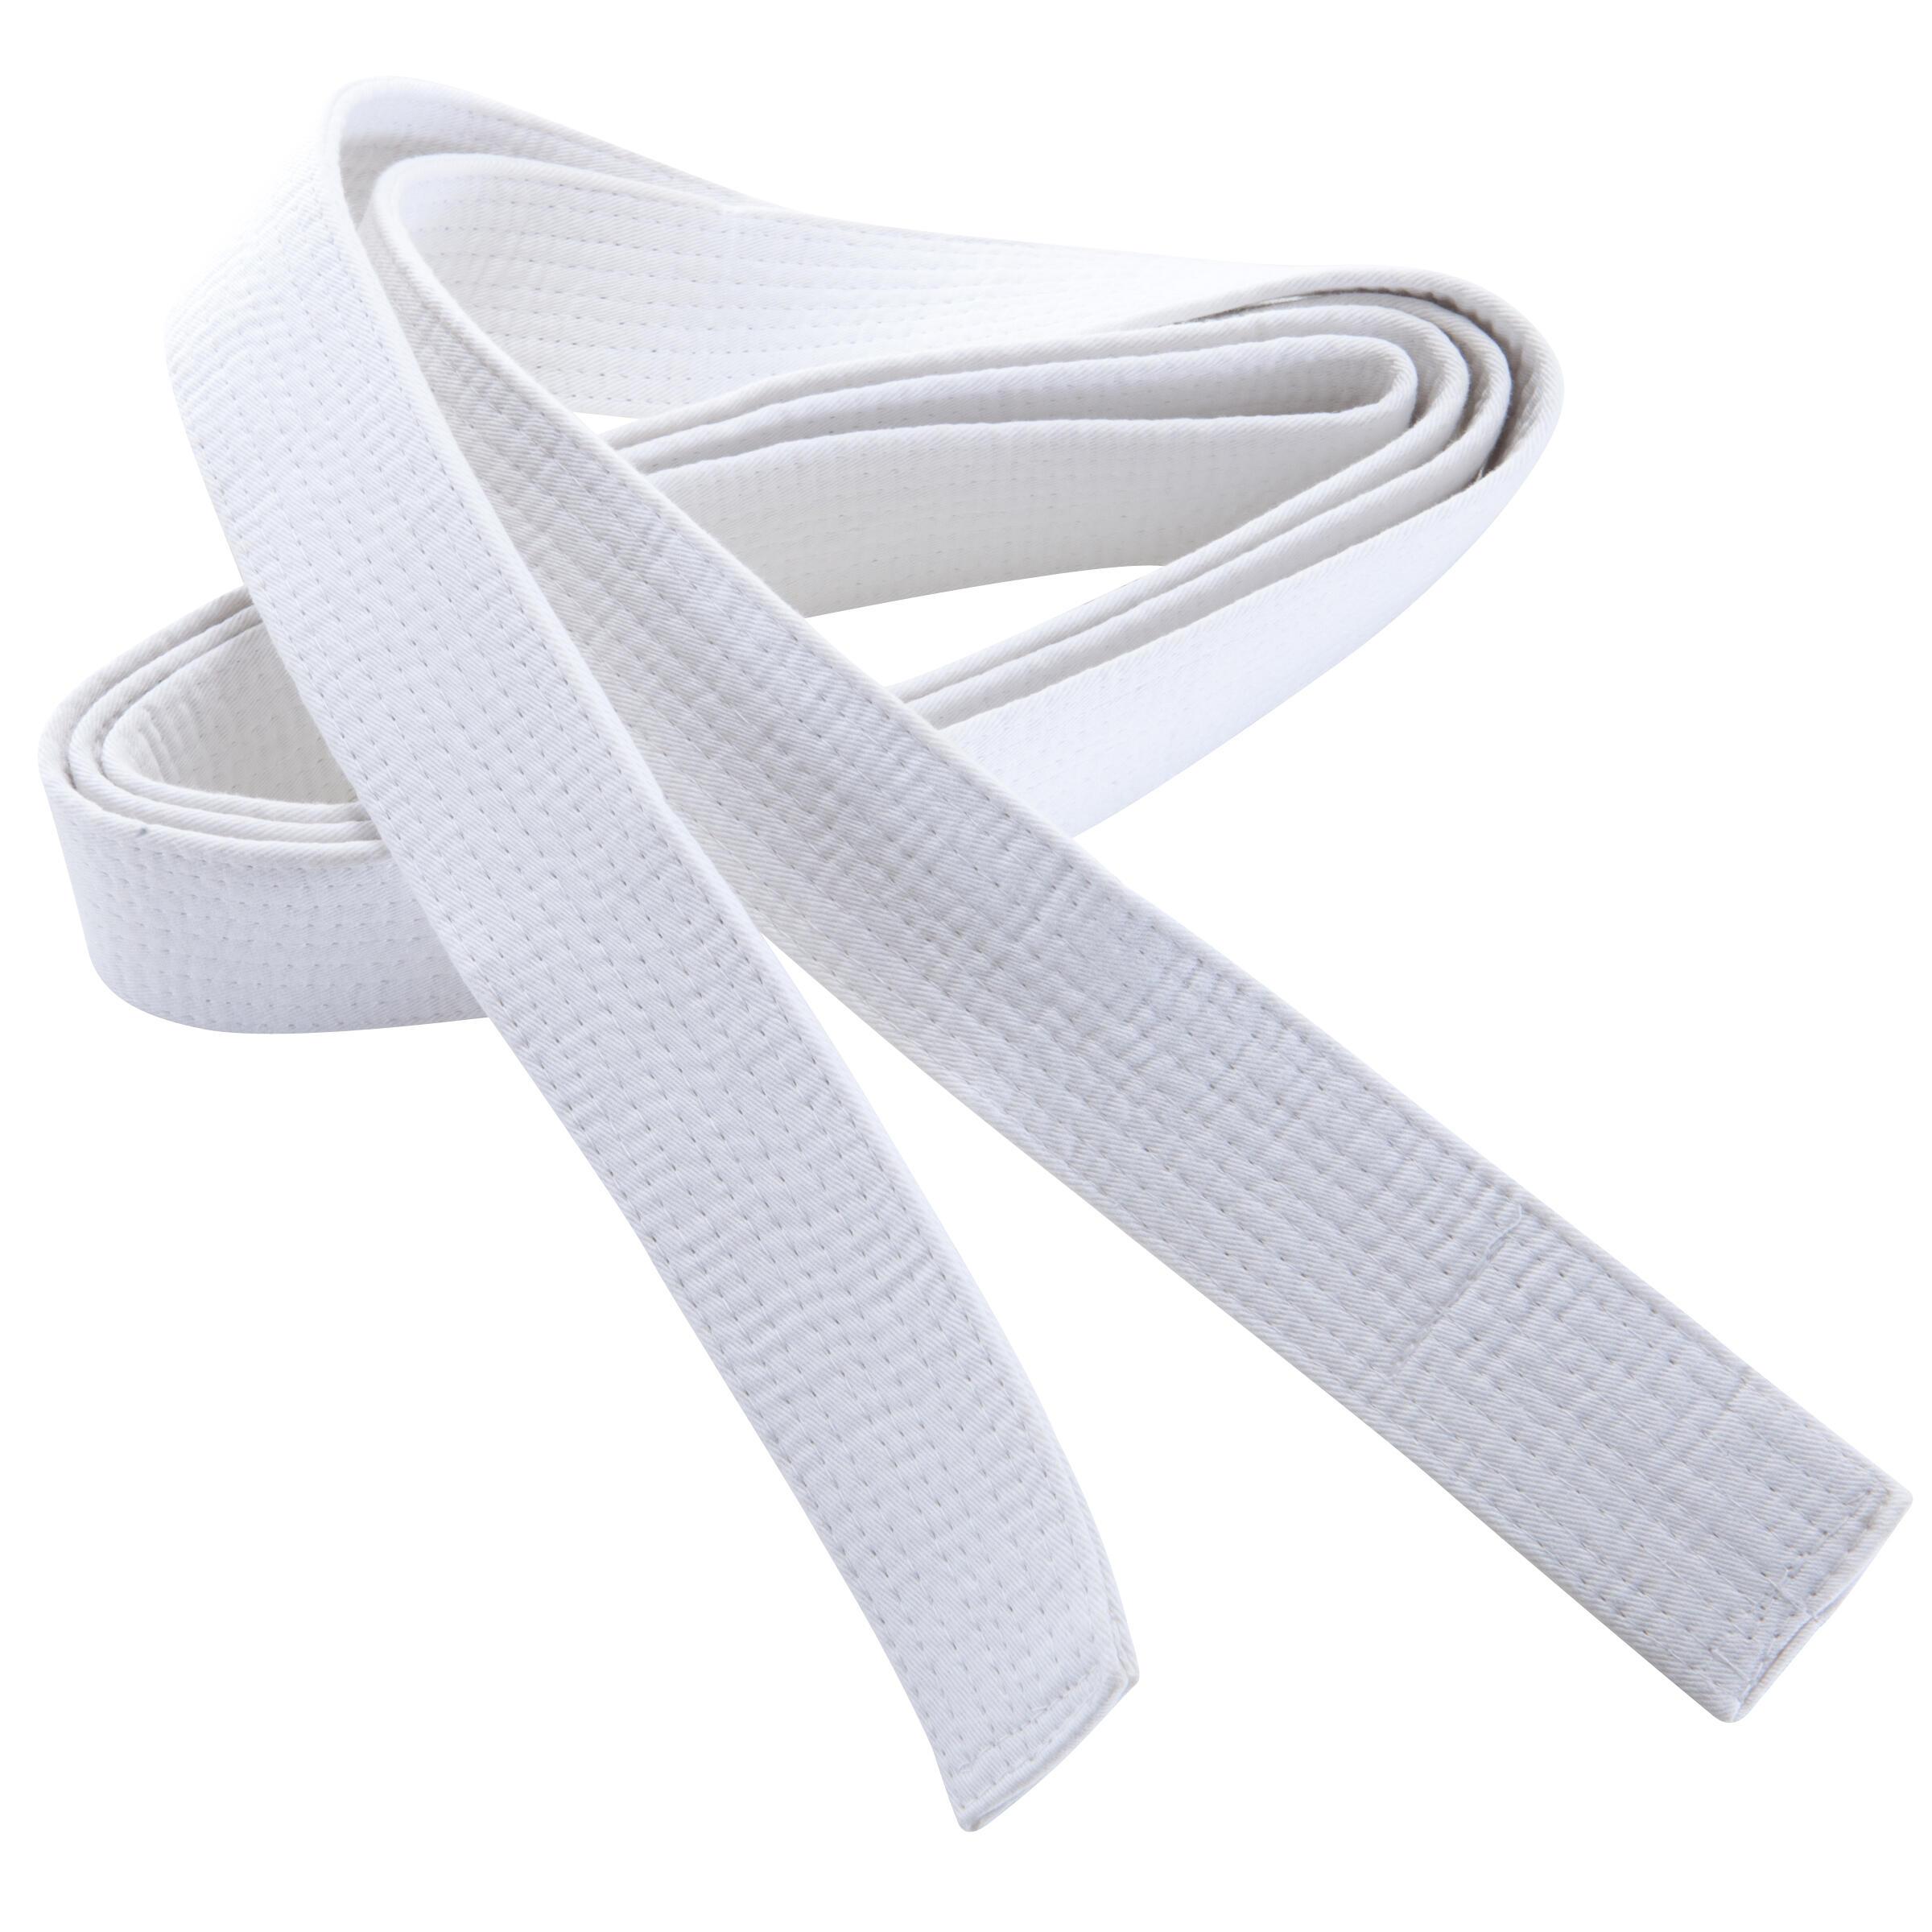 Comprar Cinturones Karate Online   Decathlon